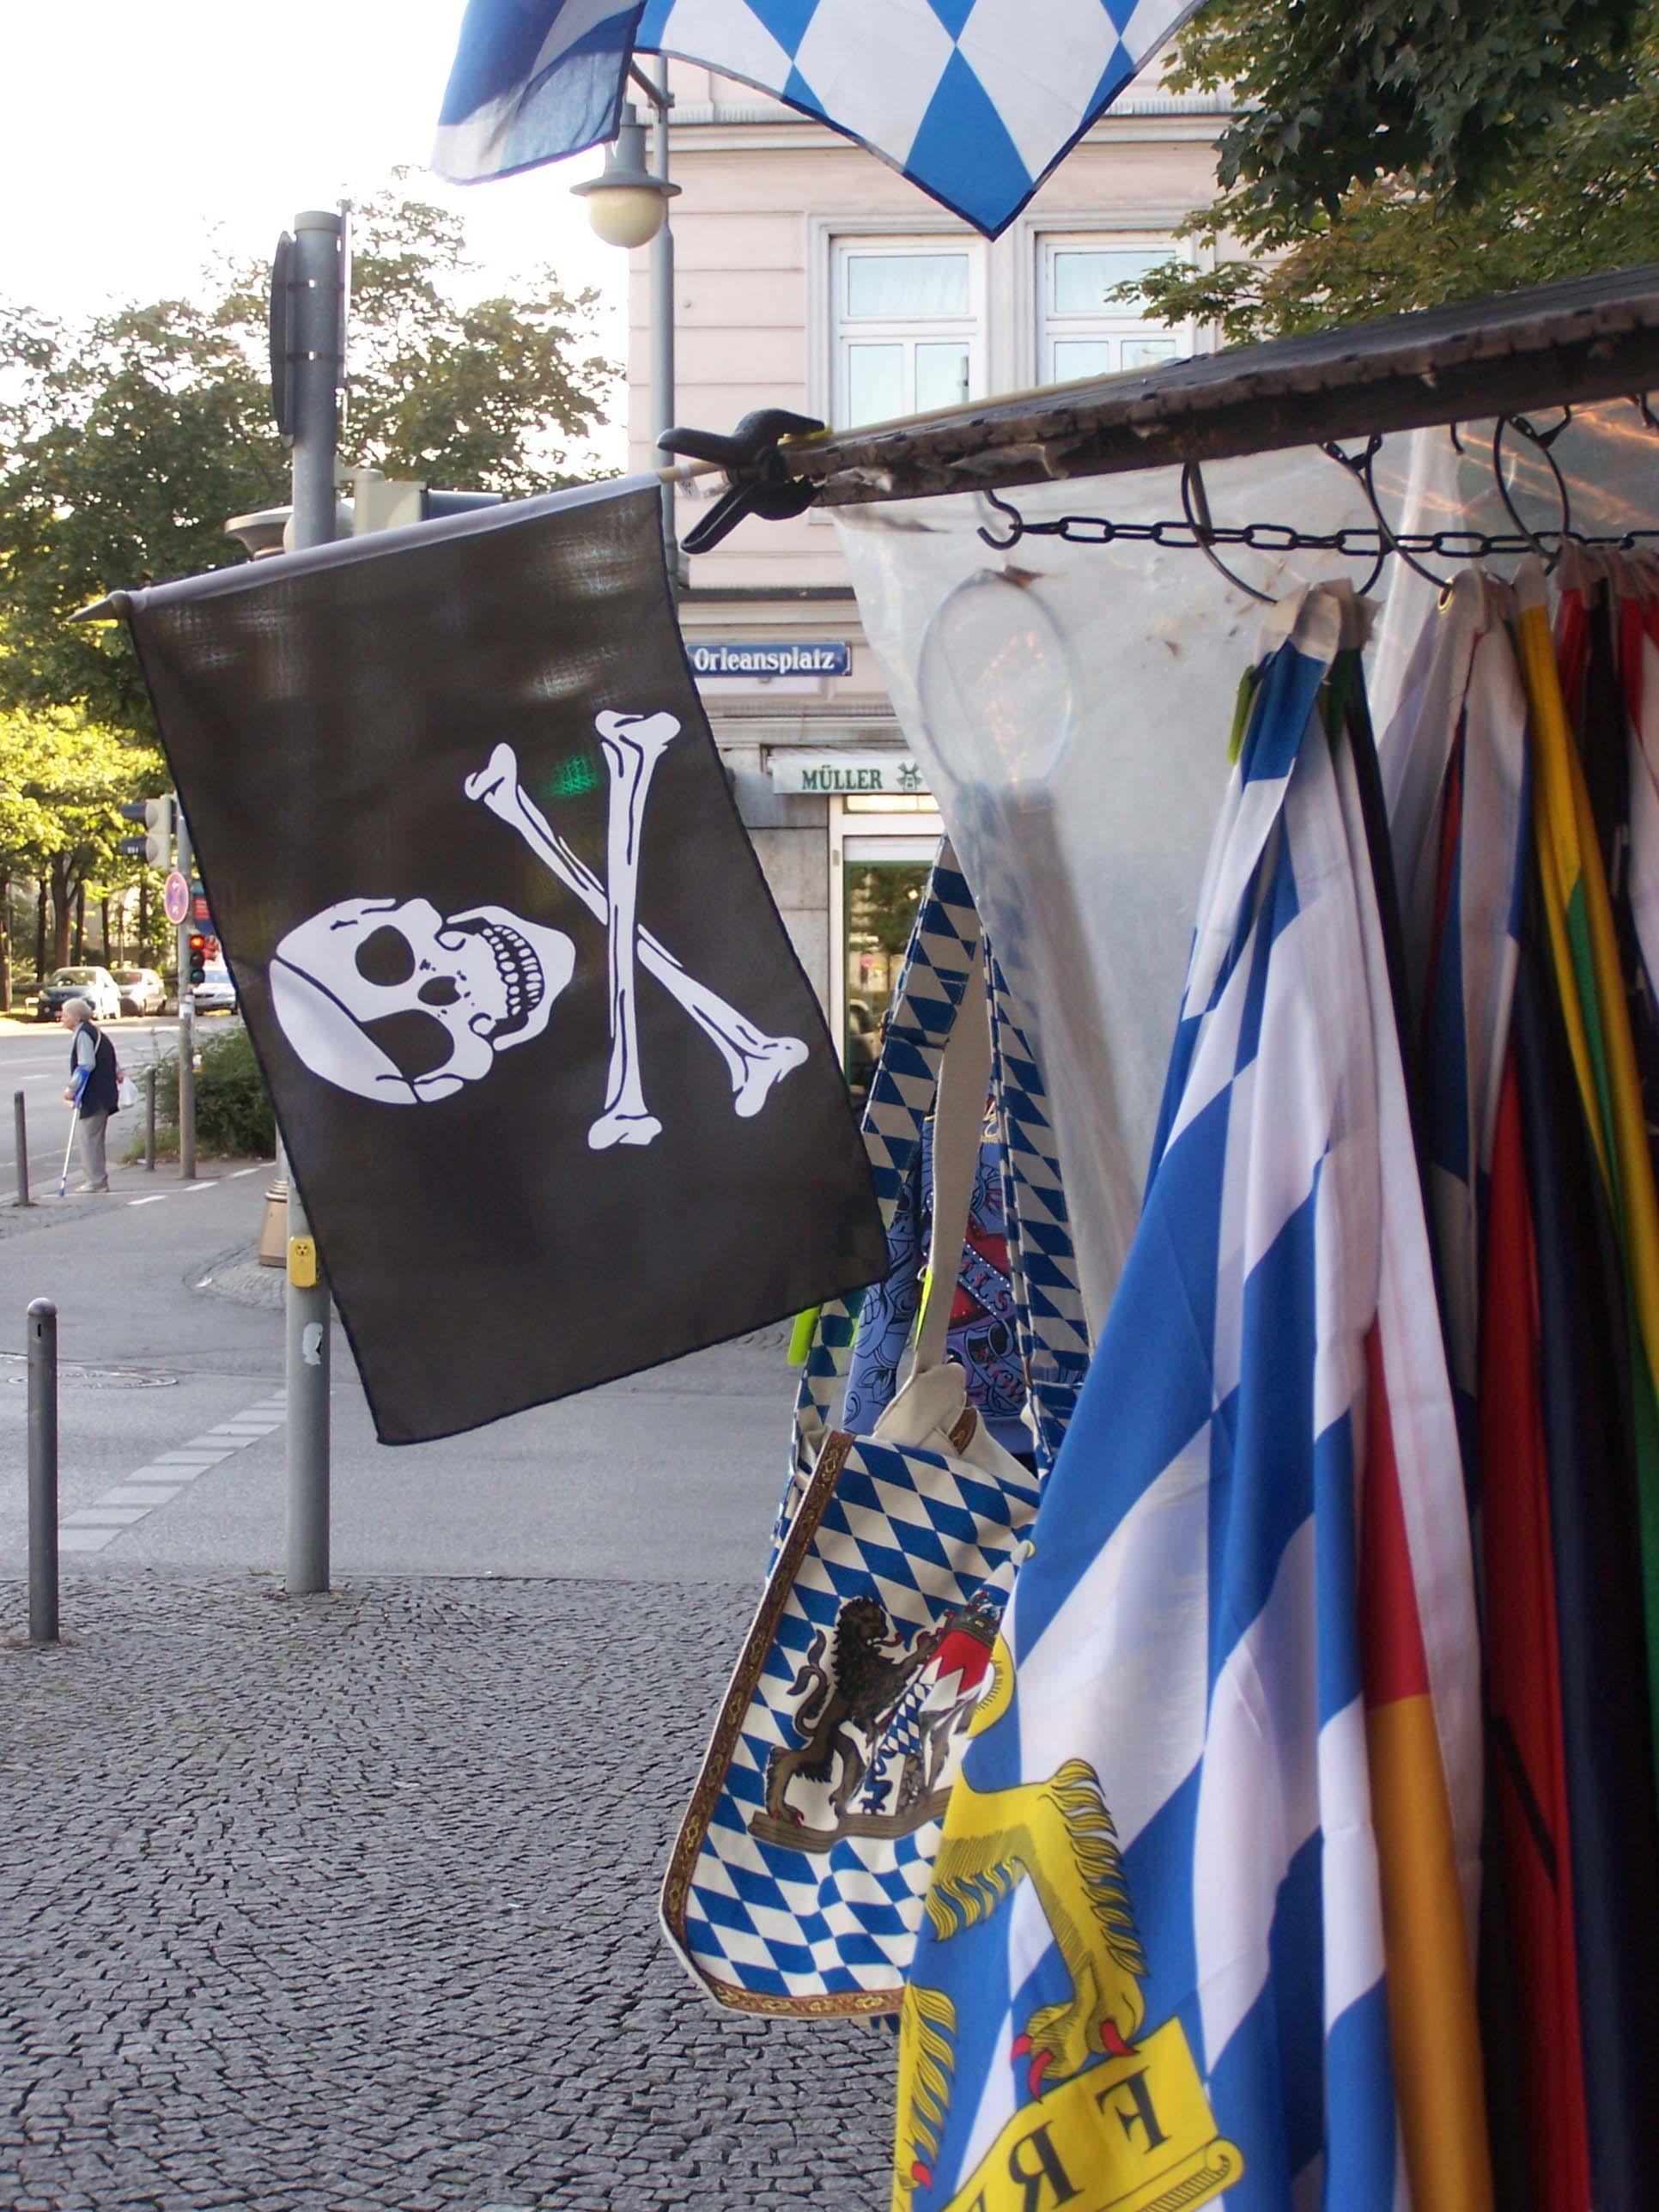 Piratenflagge weiß-blau, Orleansplatz Bayernmarkt